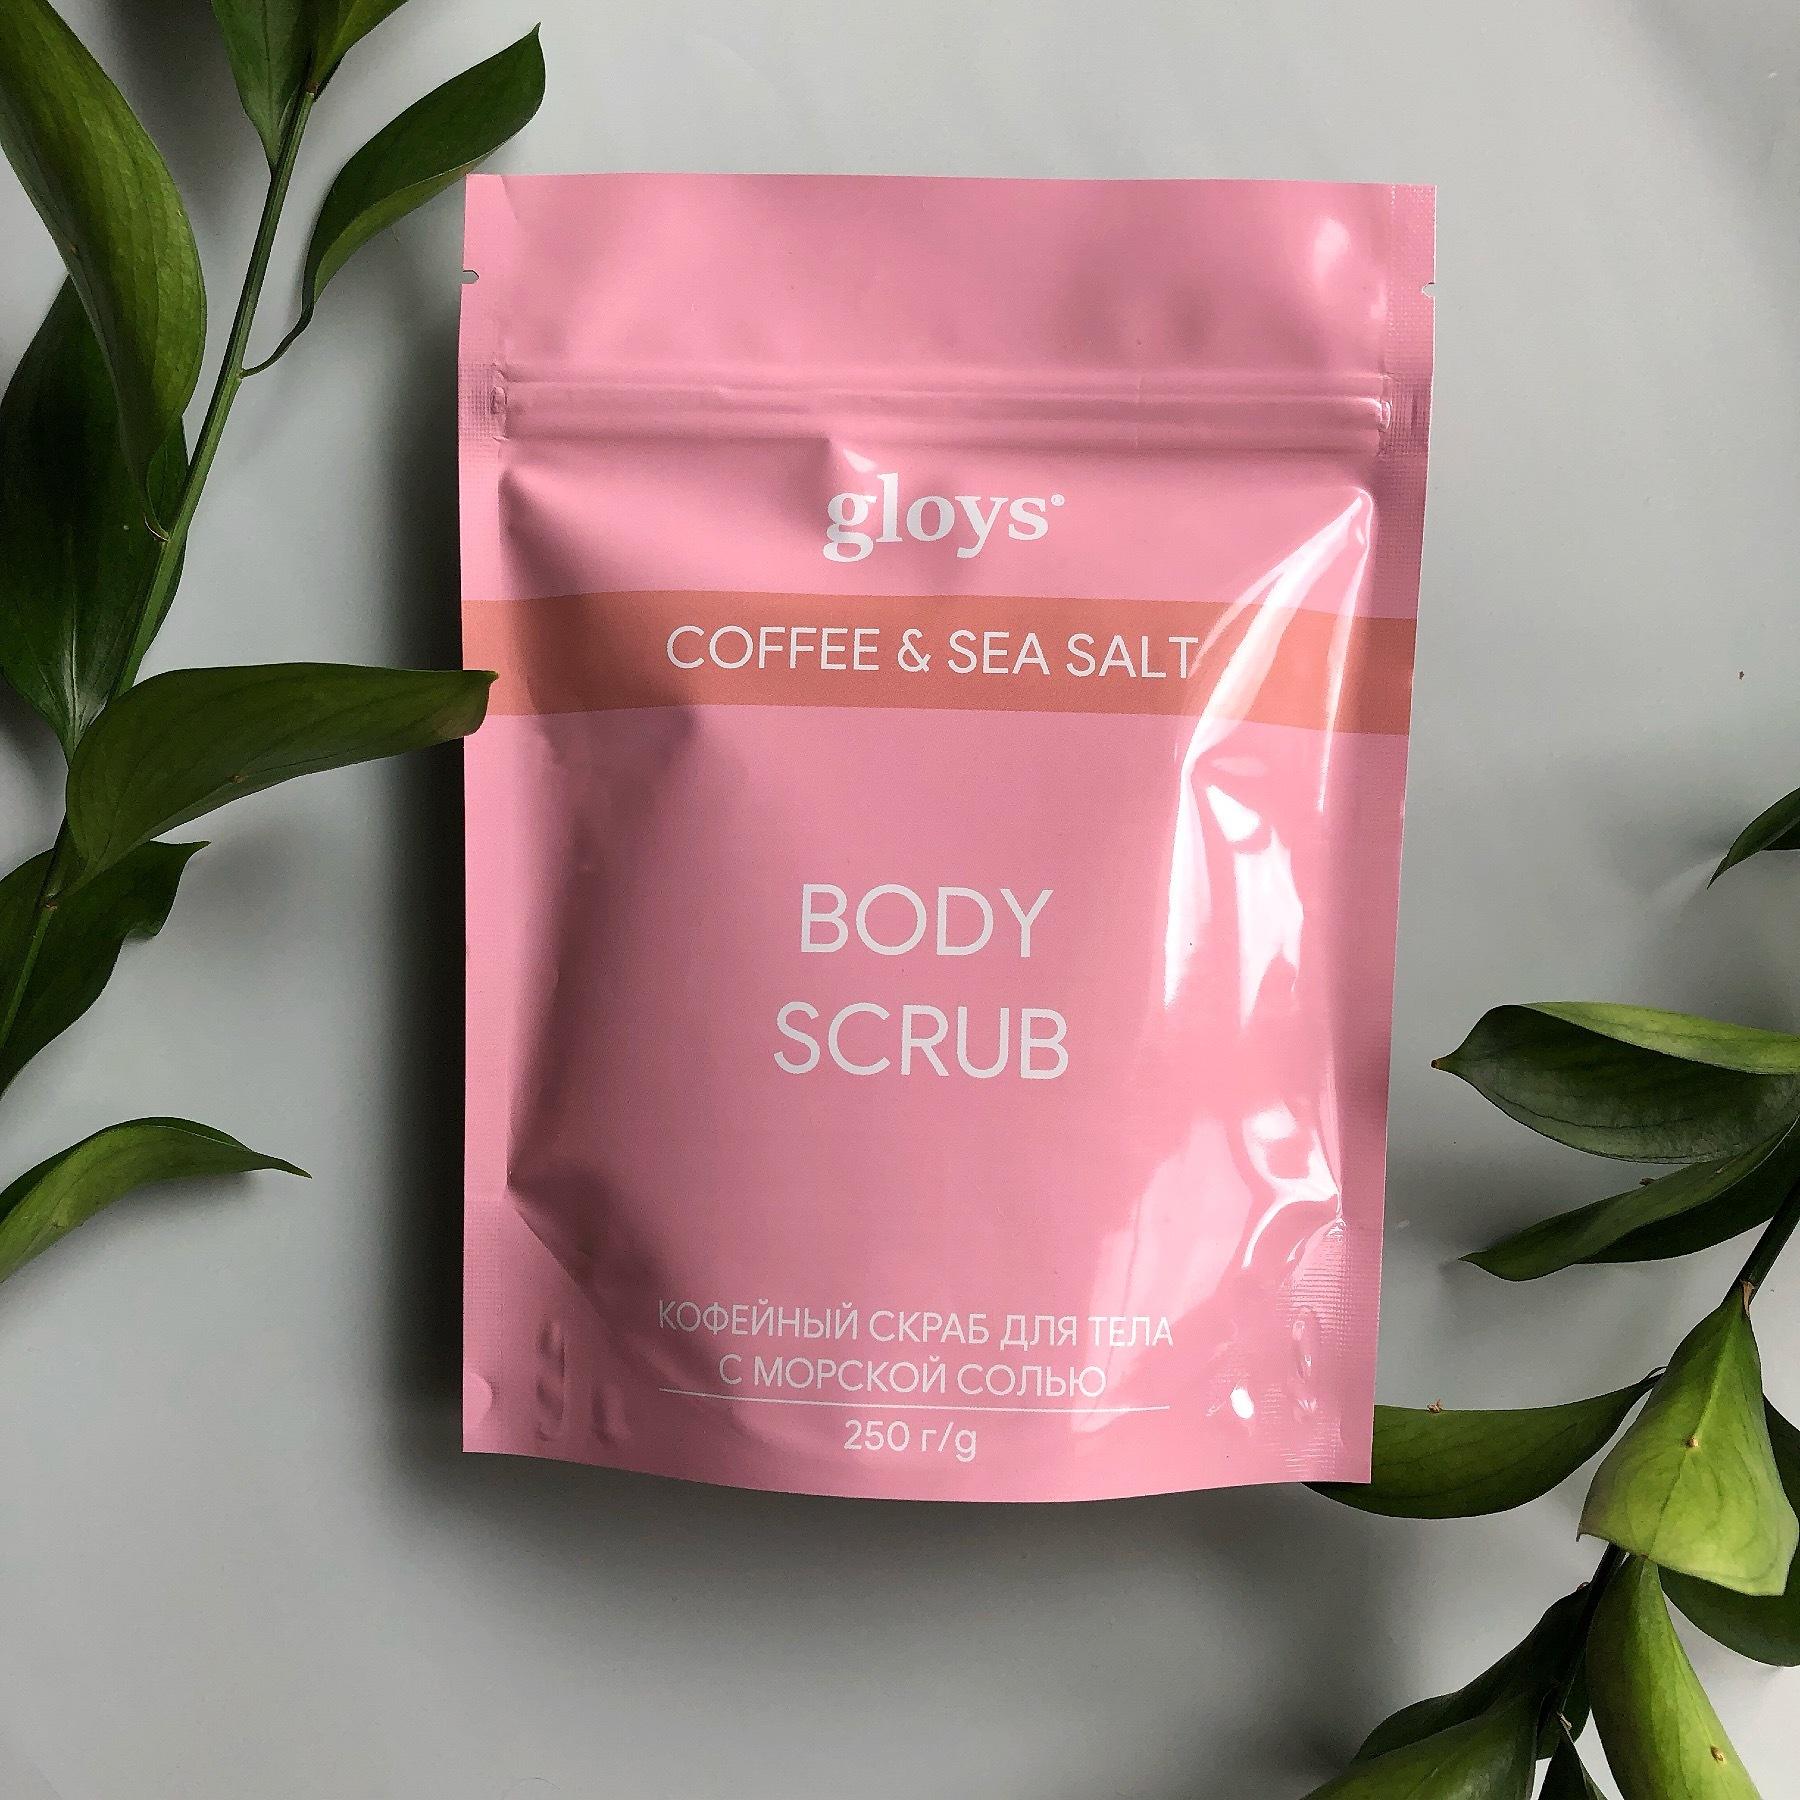 Кофейный скраб для тела с морской солью